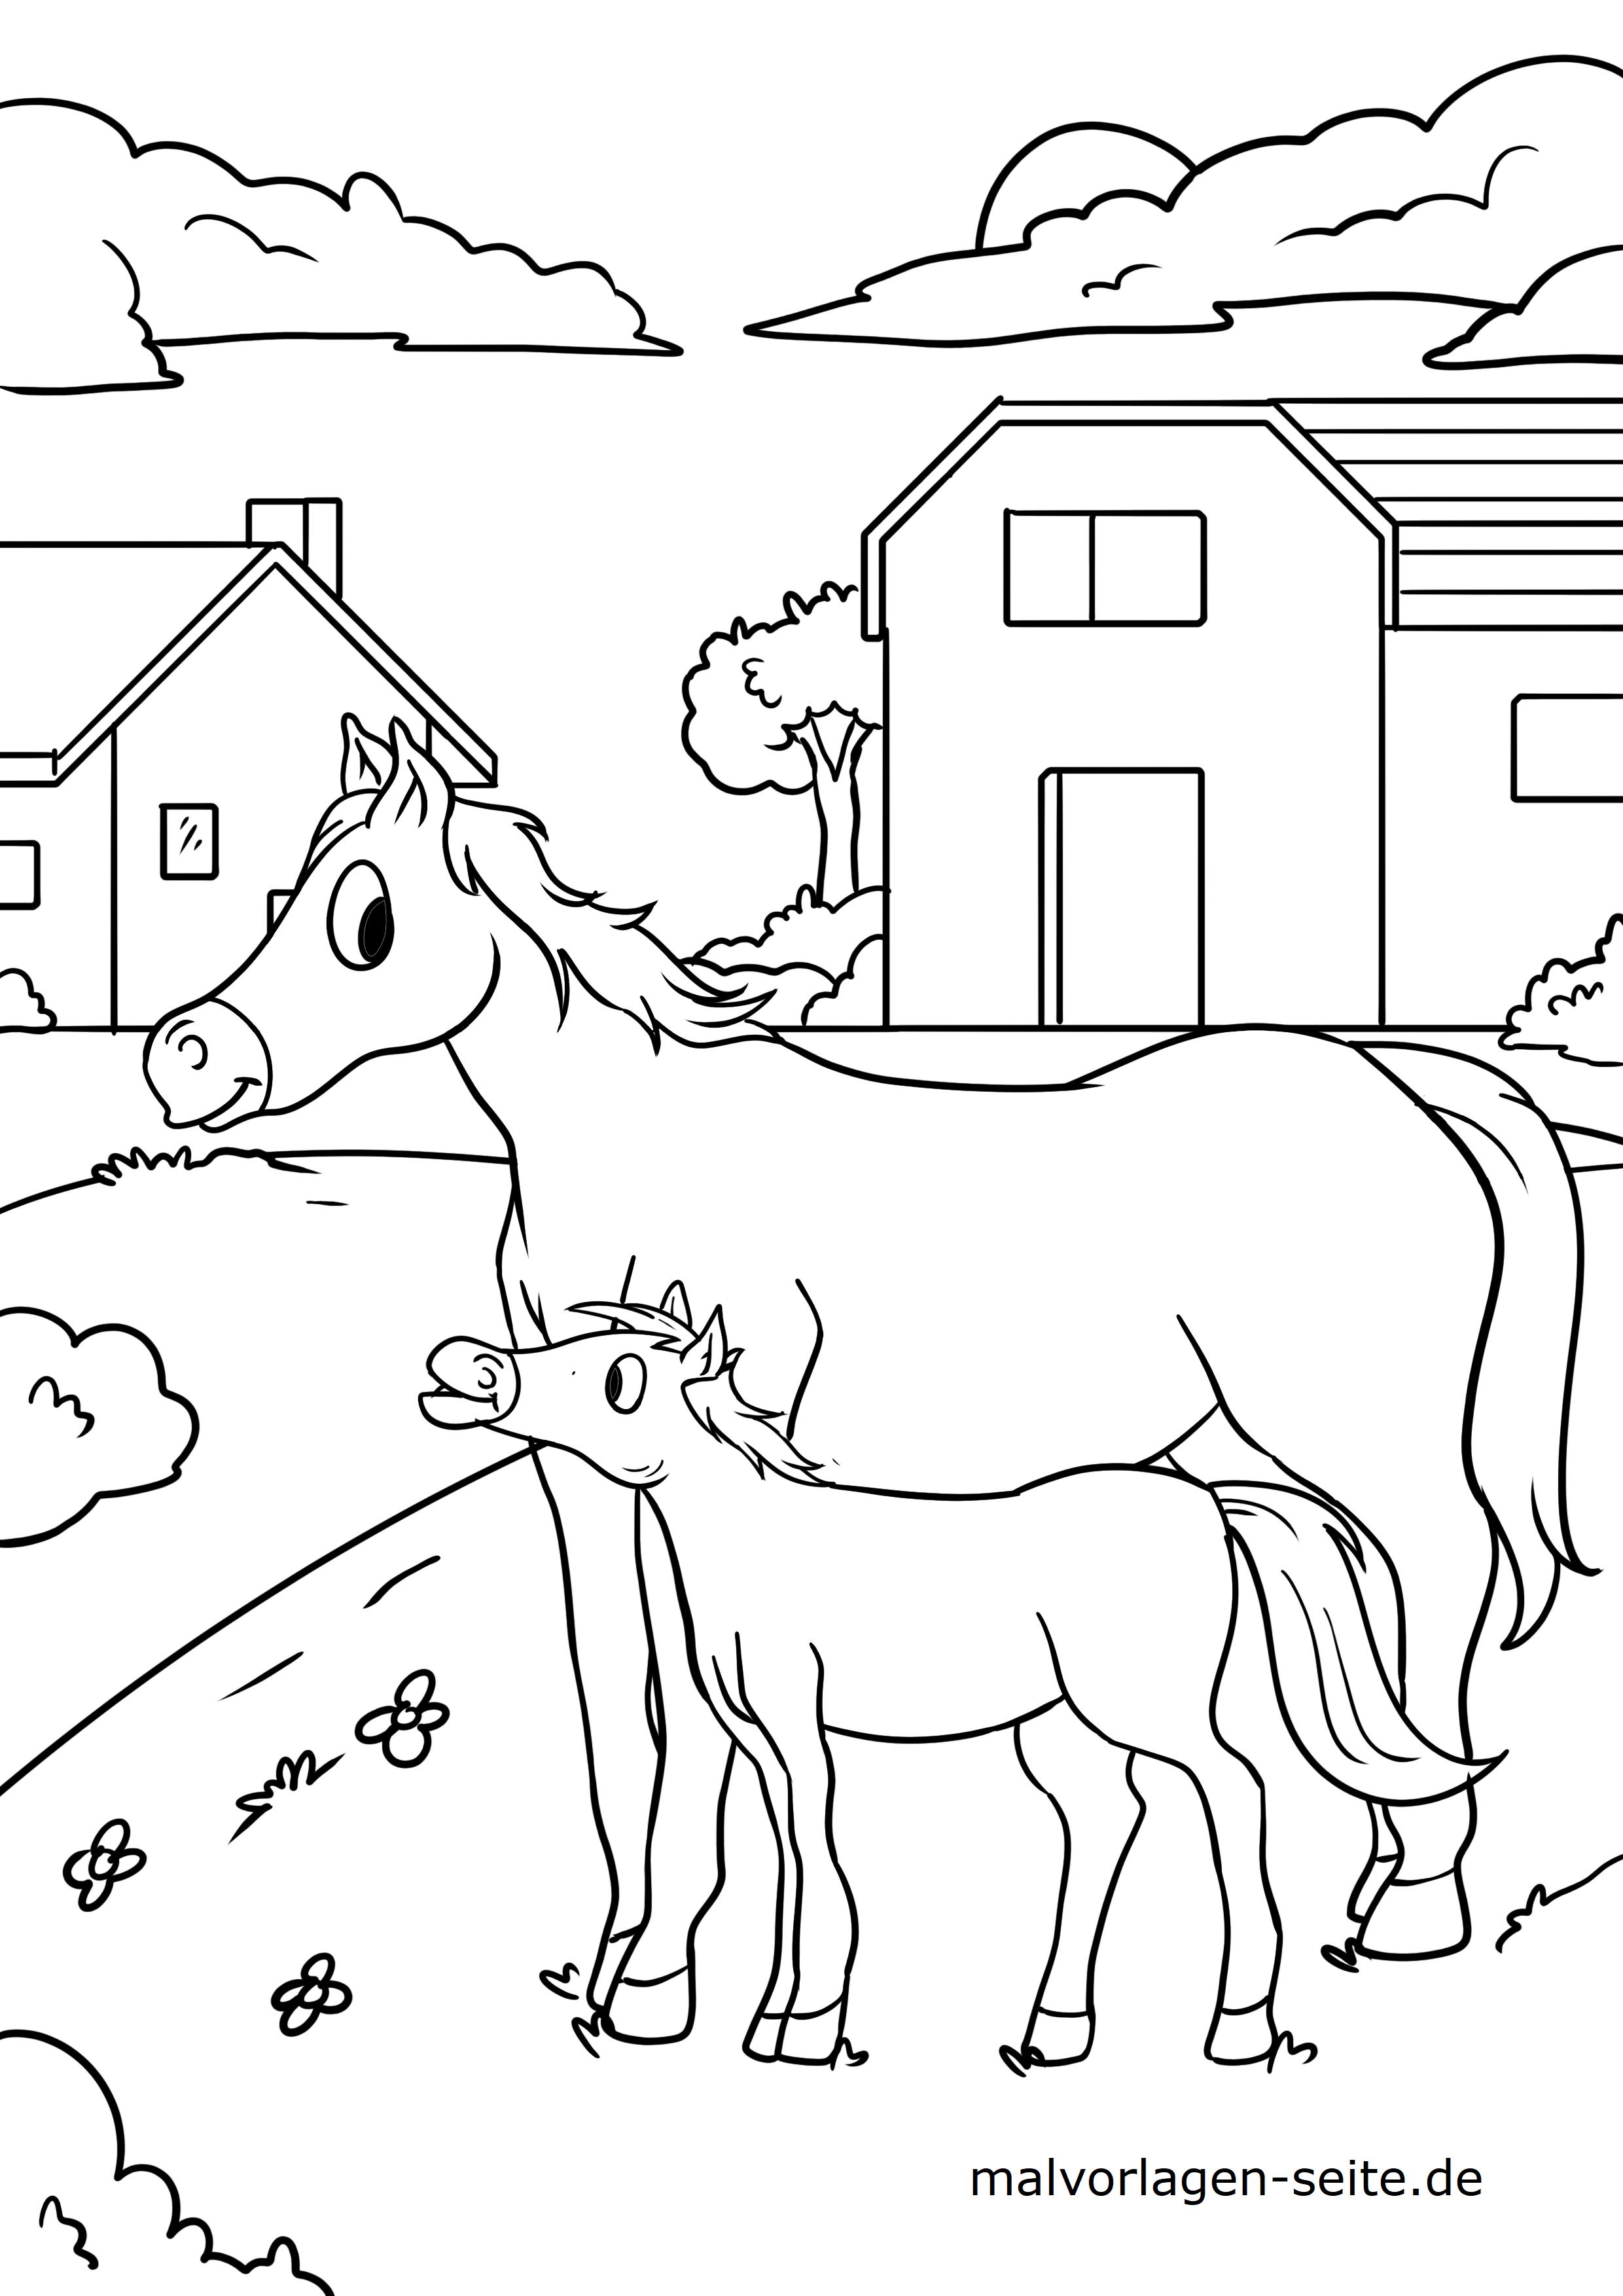 Malvorlage Pferd auf dem Bauernhof - Kostenlose Ausmalbilder